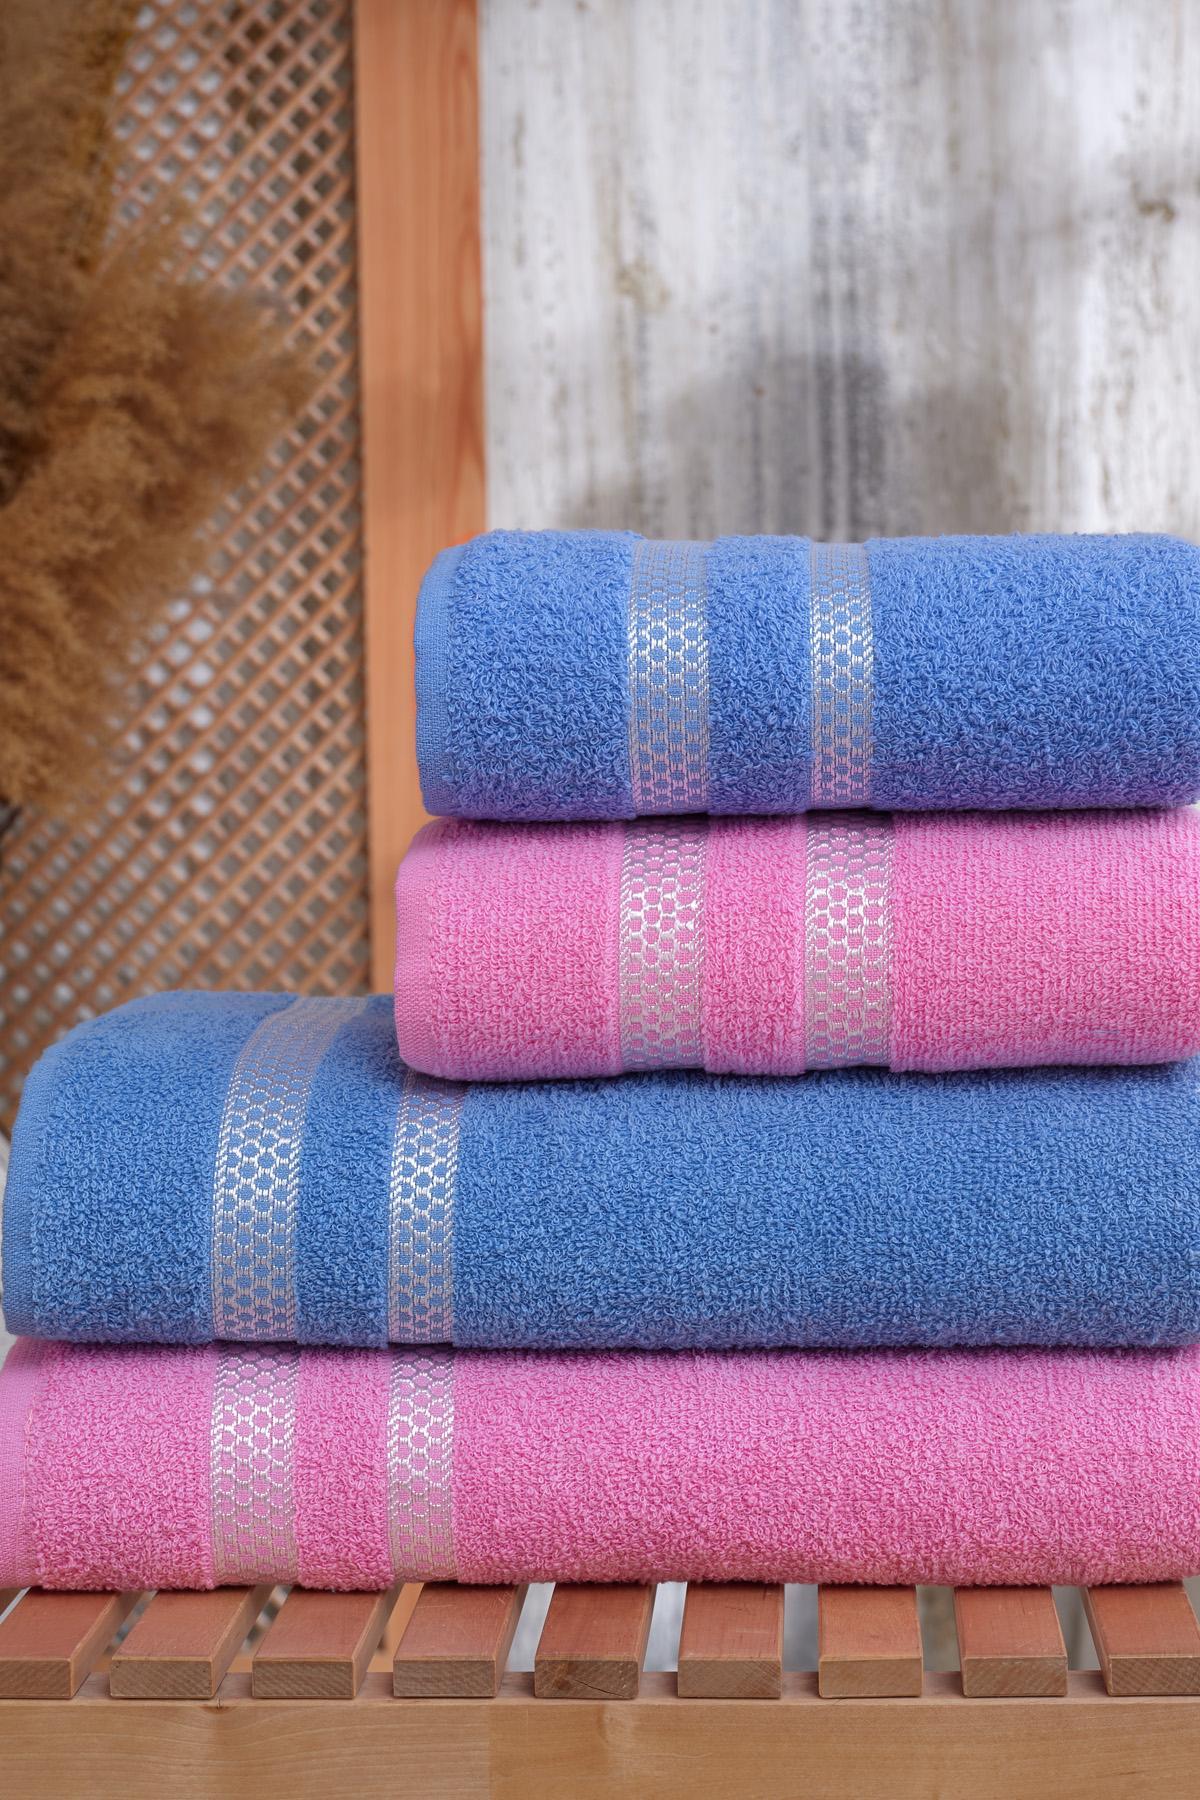 Serviette de bain 2 pièces 100 coton | pembe-mavi